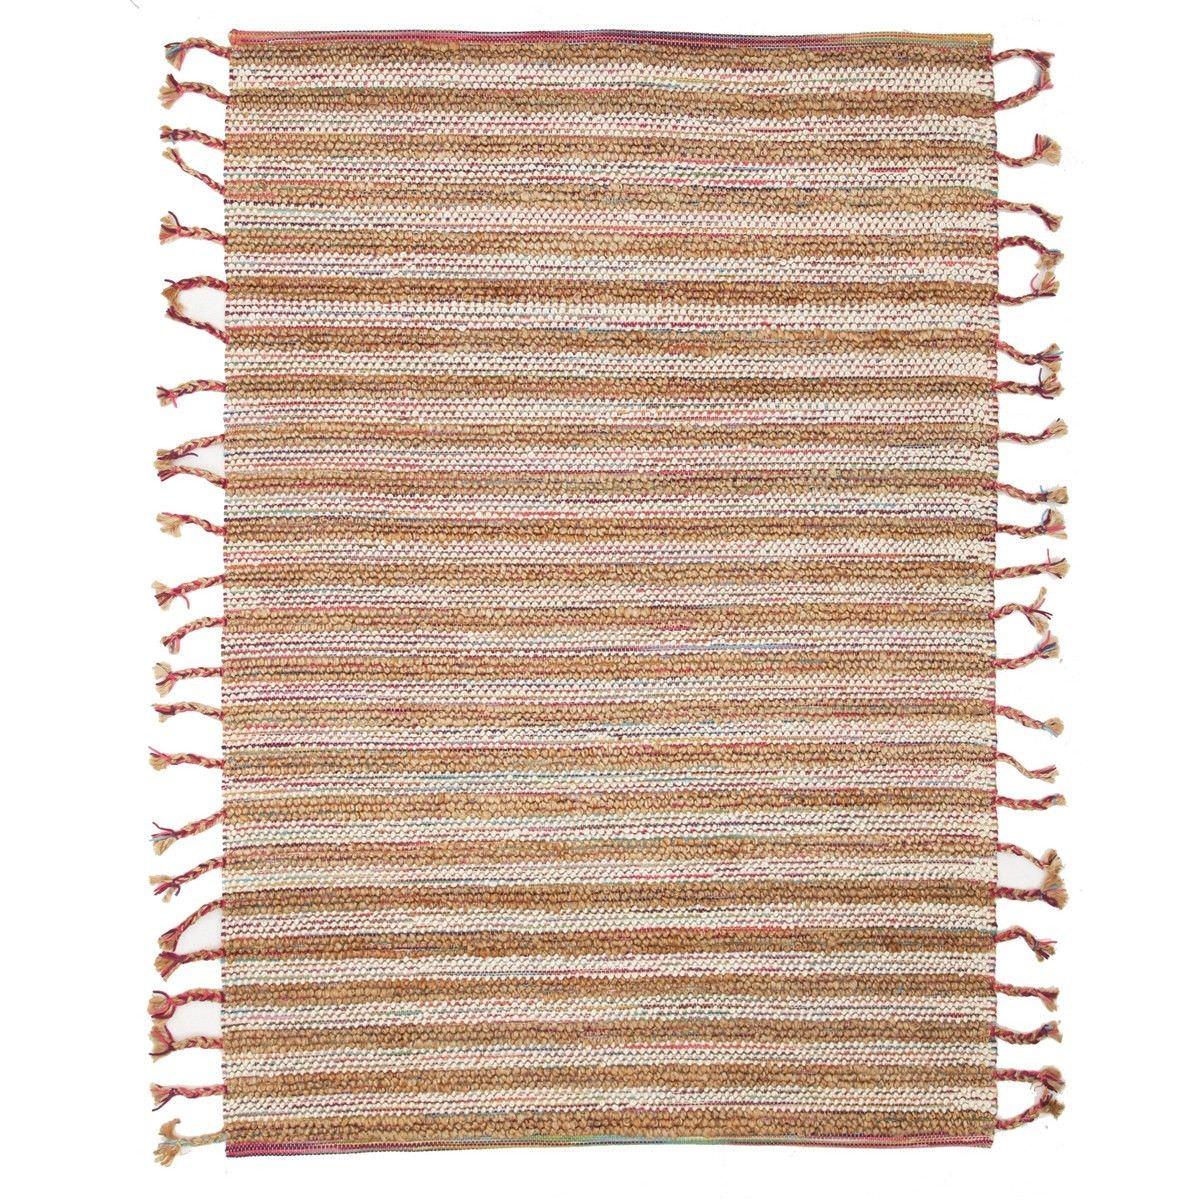 Nordic Summer Wool & Jute Rug, 225x155cm